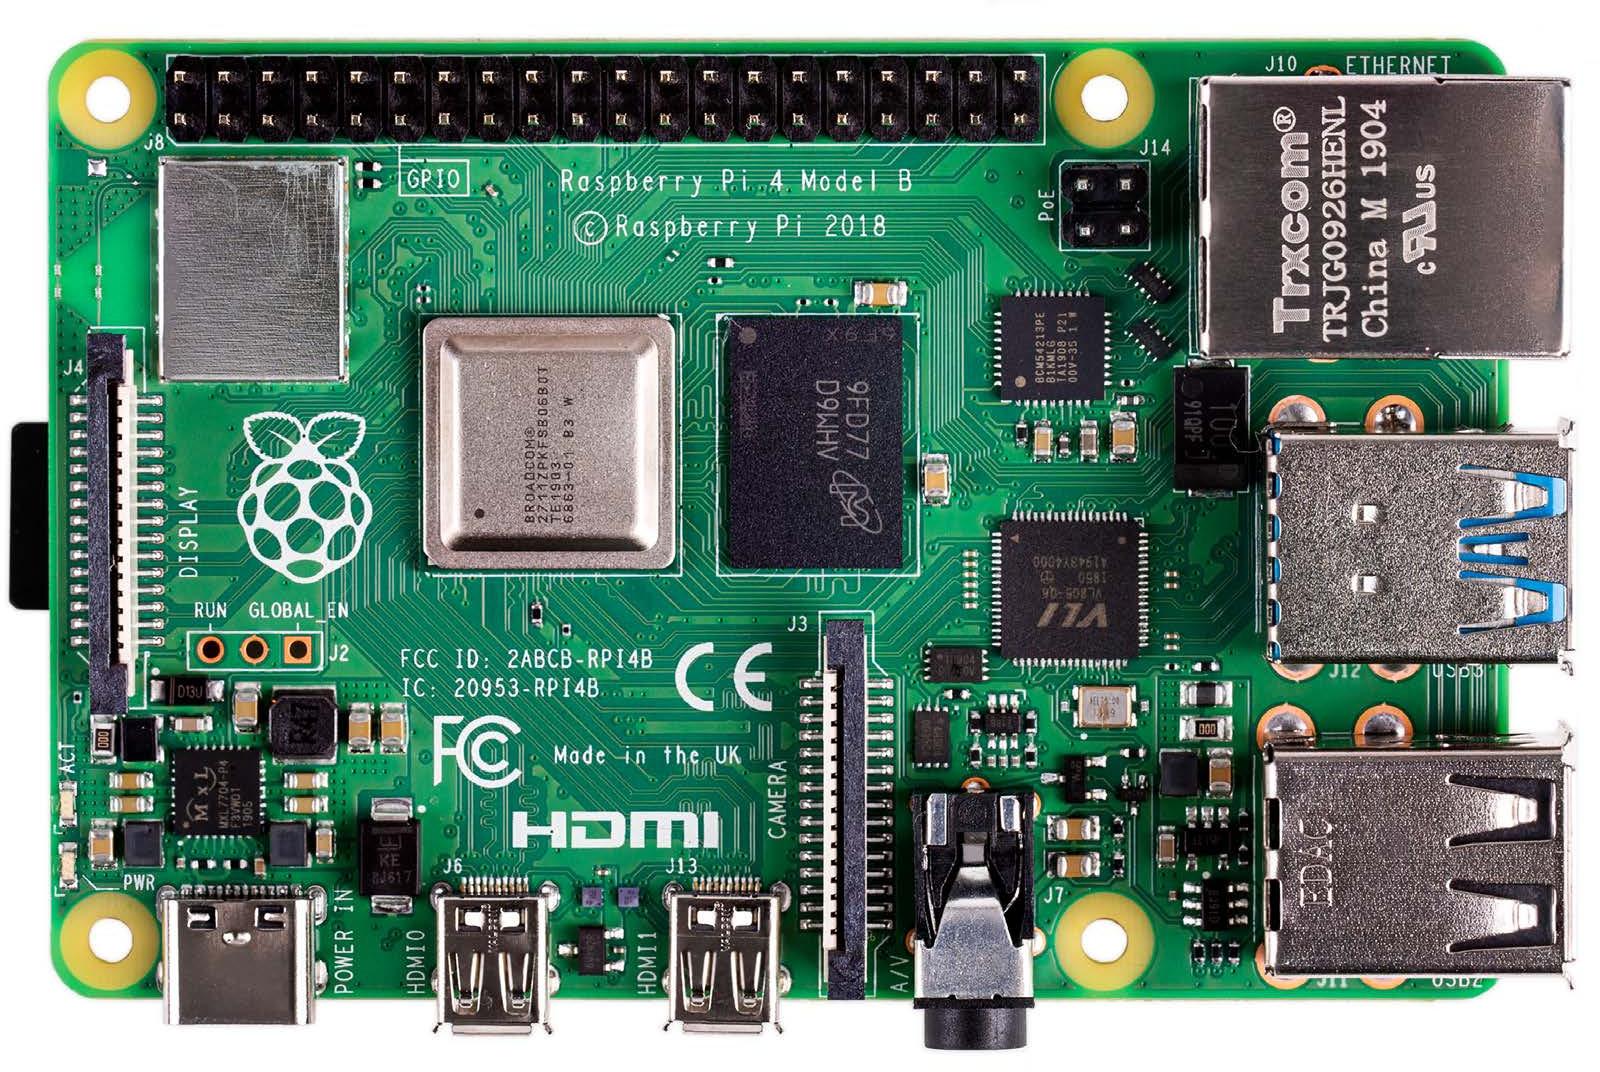 Raspberry Pi 4 Features Broadcom BCM2711 Processor, Up to ...